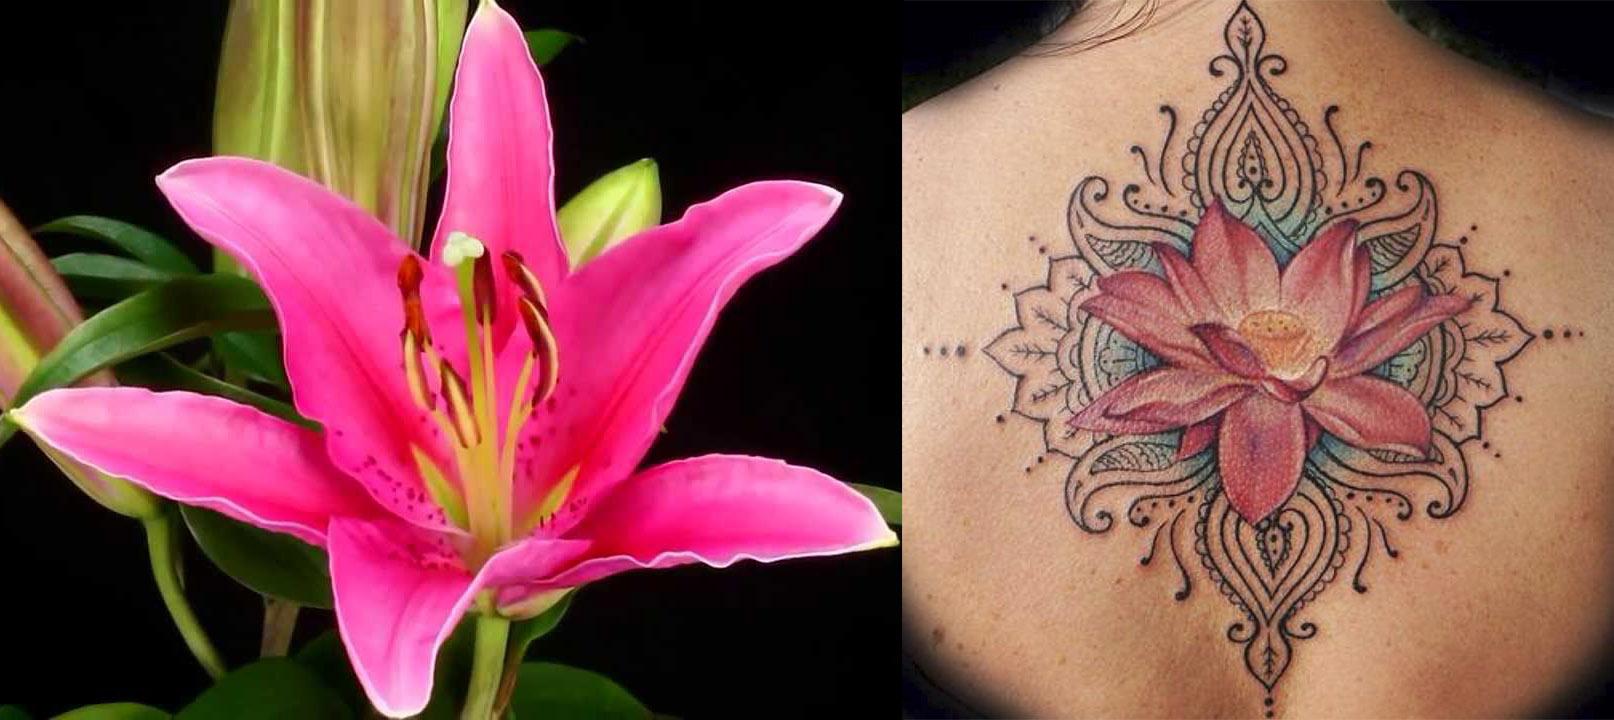 Qu flor deber as tatuarte seg n tu signo del zodiaco - Mejor signo del zodiaco ...